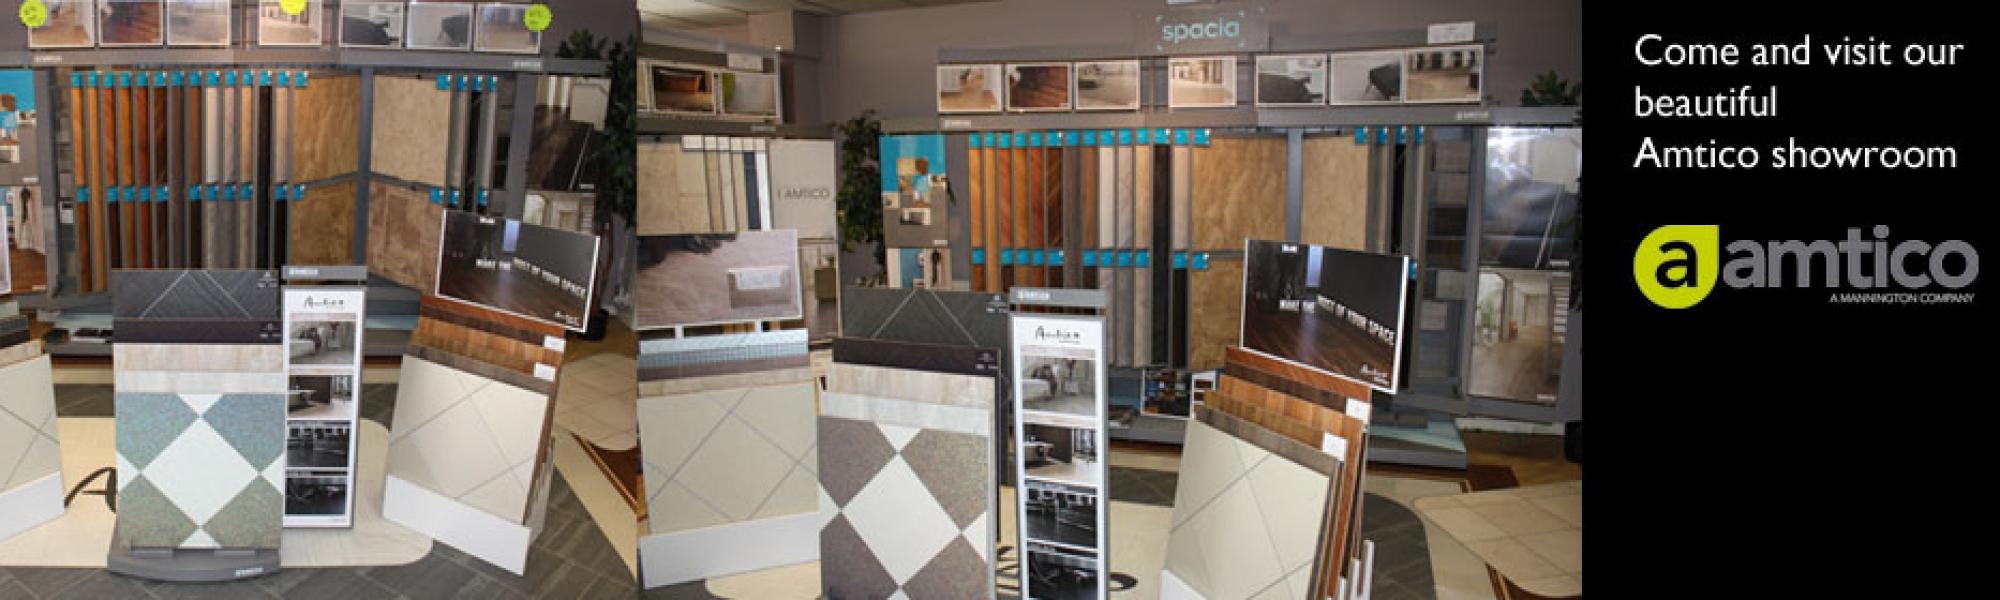 amtico-showroom